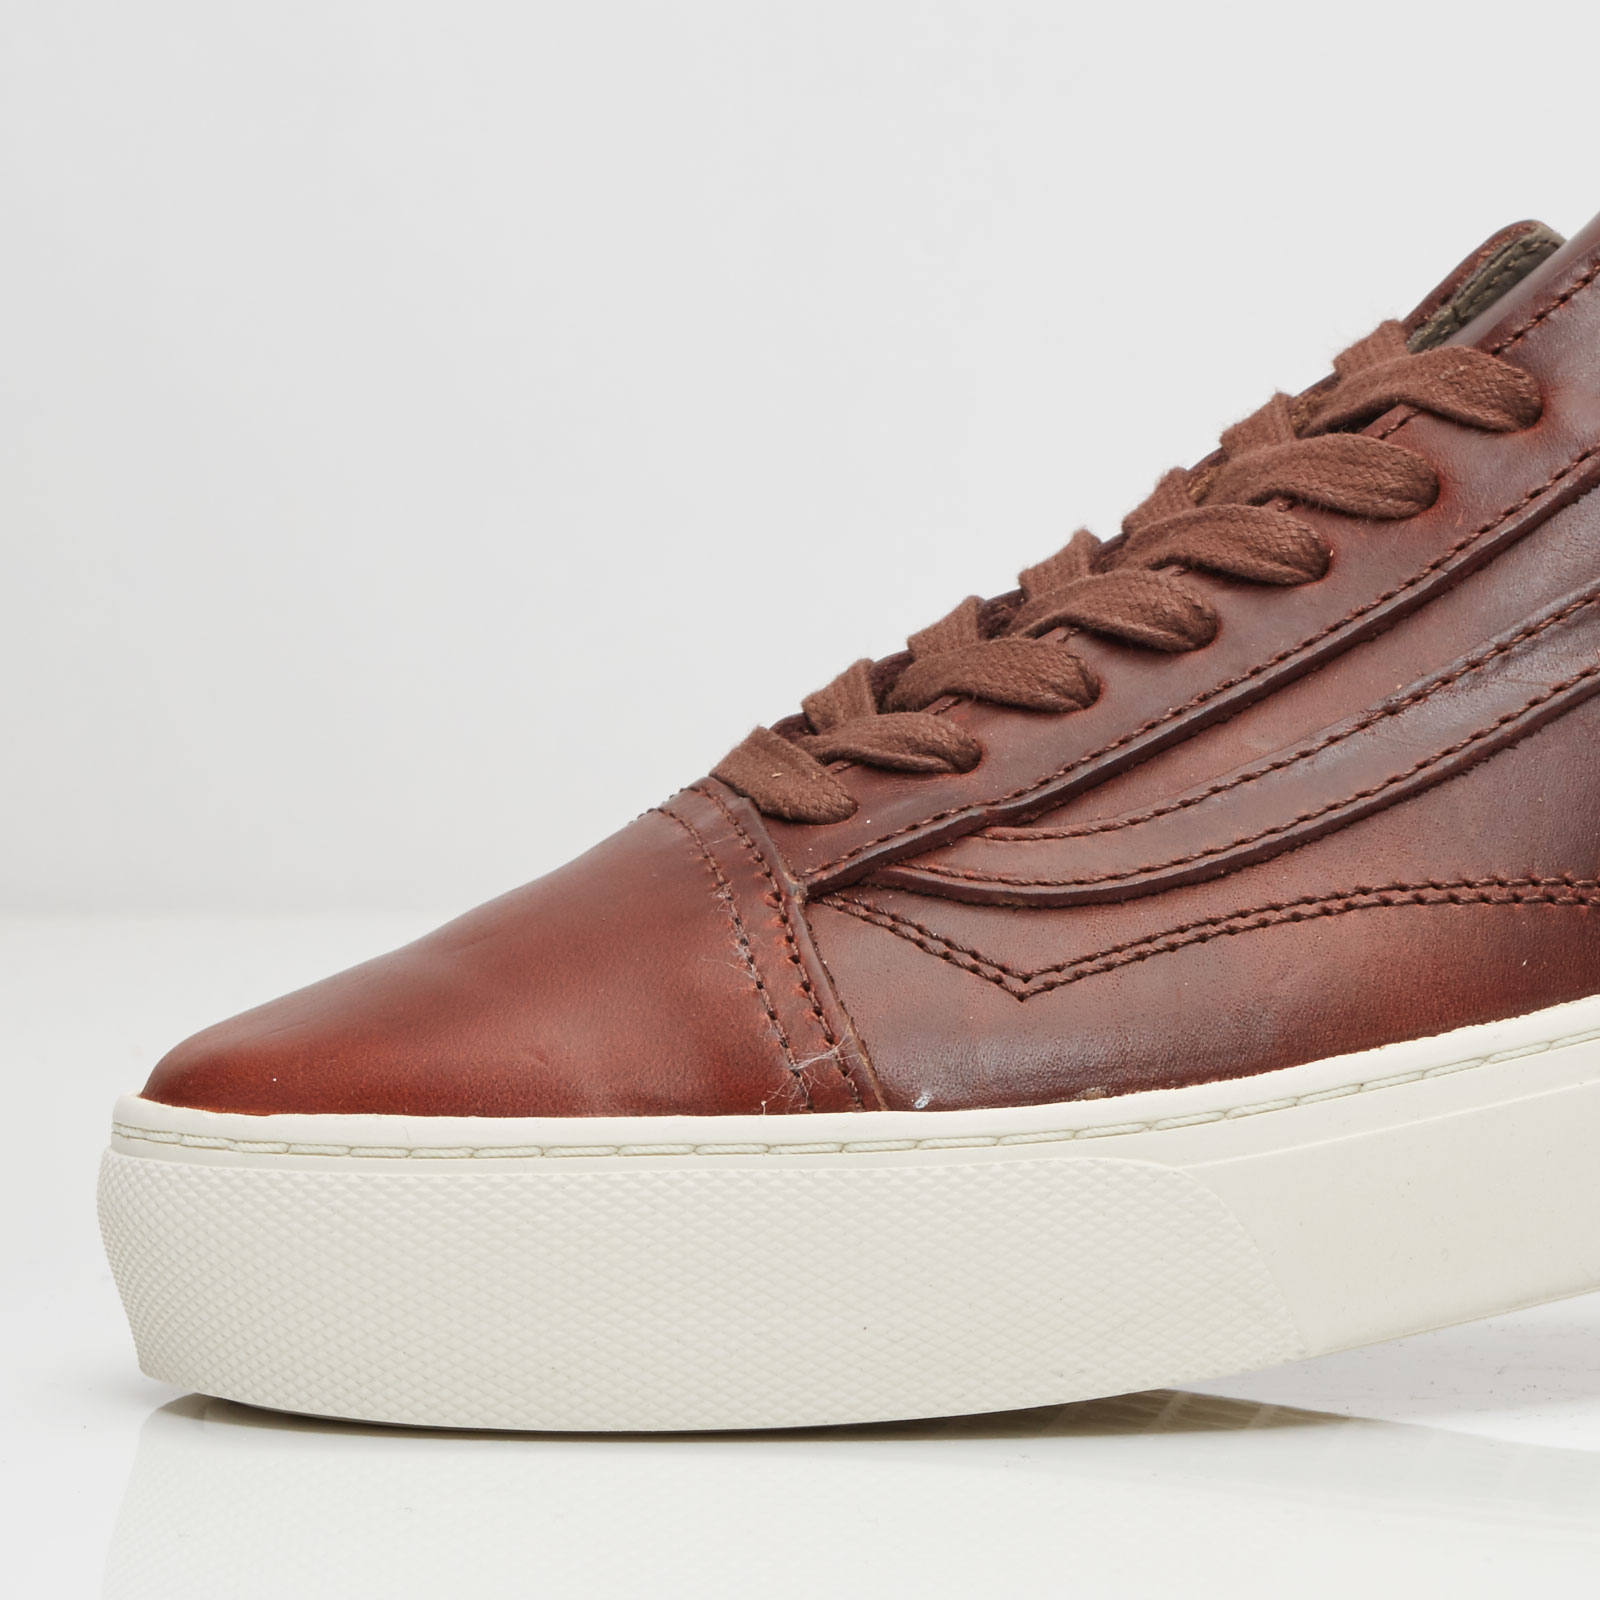 d2d0e83b5c4d8a Vans Ua Old Skool Cup Lx (Horween) - Va2y2xkc5 - Sneakersnstuff ...